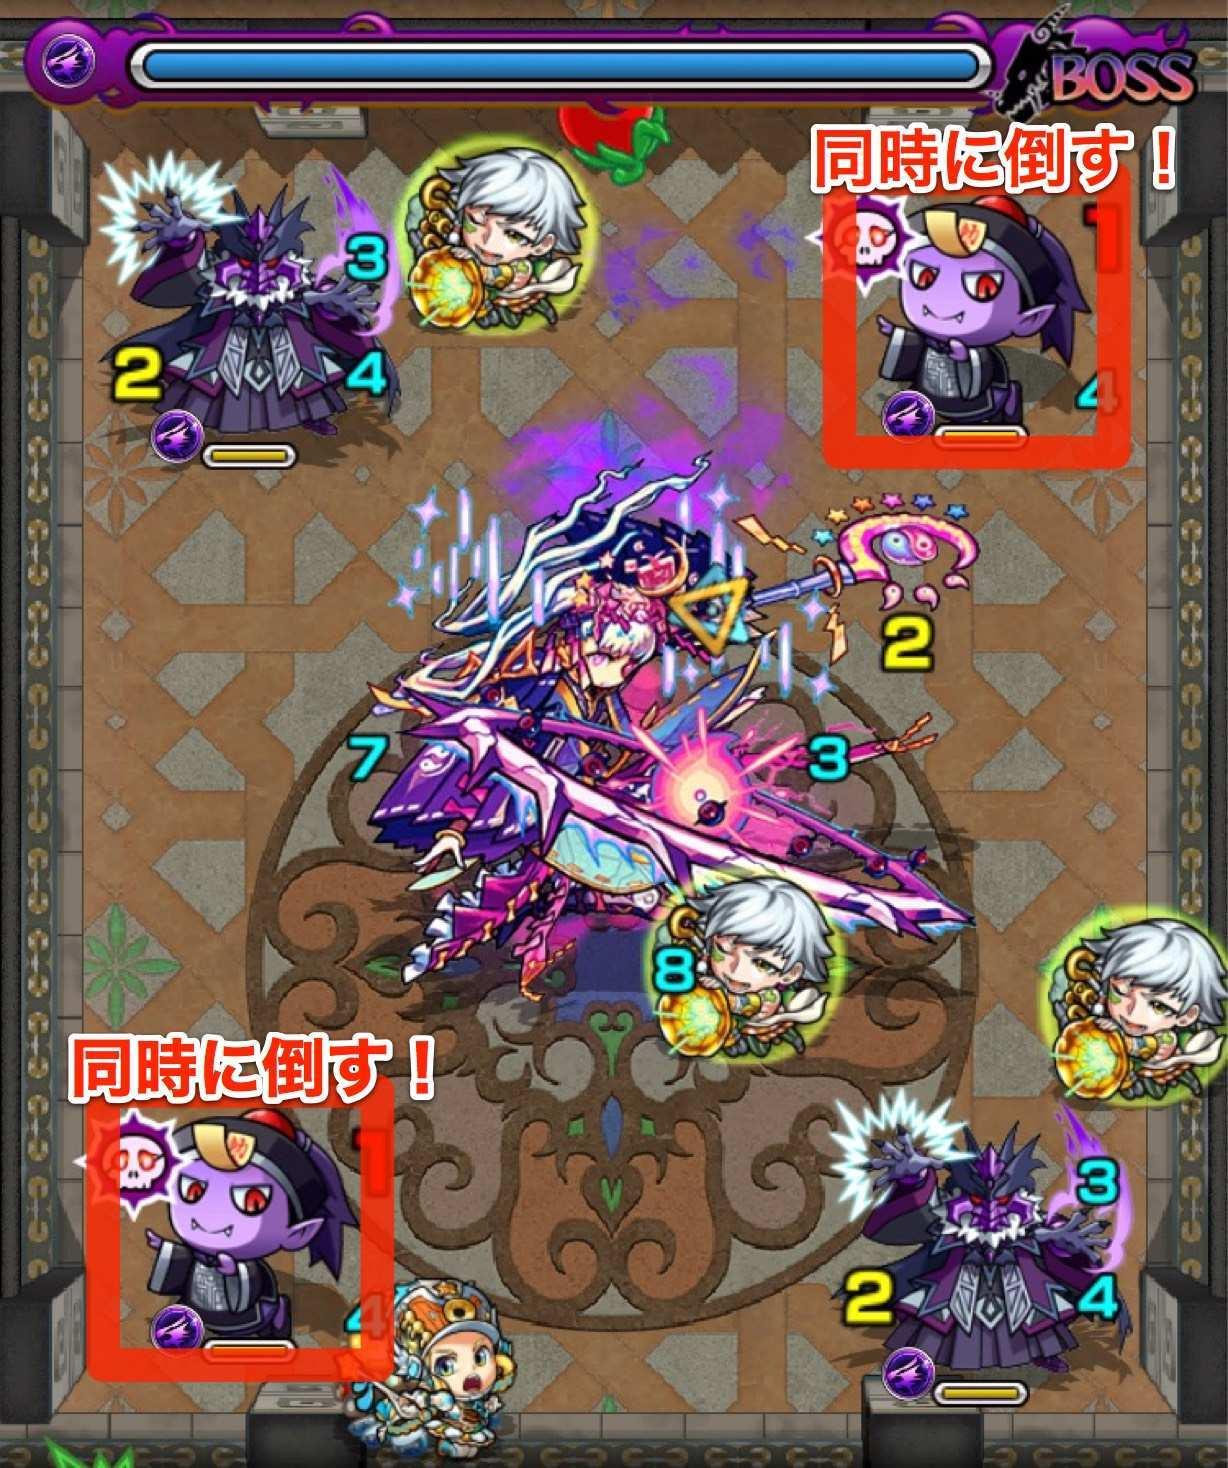 覇者の塔29階ボス1.jpg